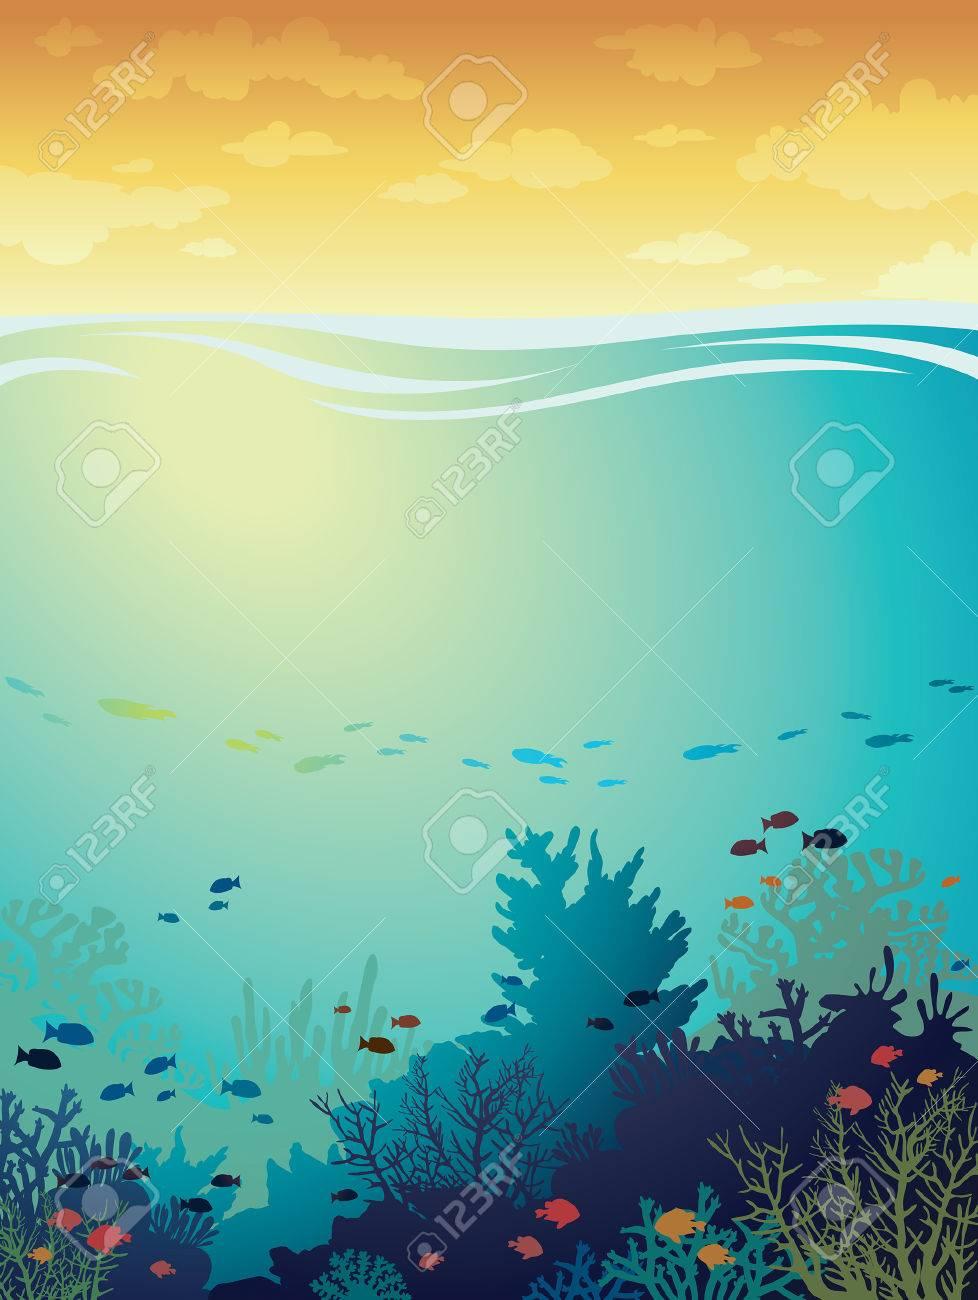 漫画海背景と日没の曇り空の上に魚とサンゴ礁。水中の海。イラスト